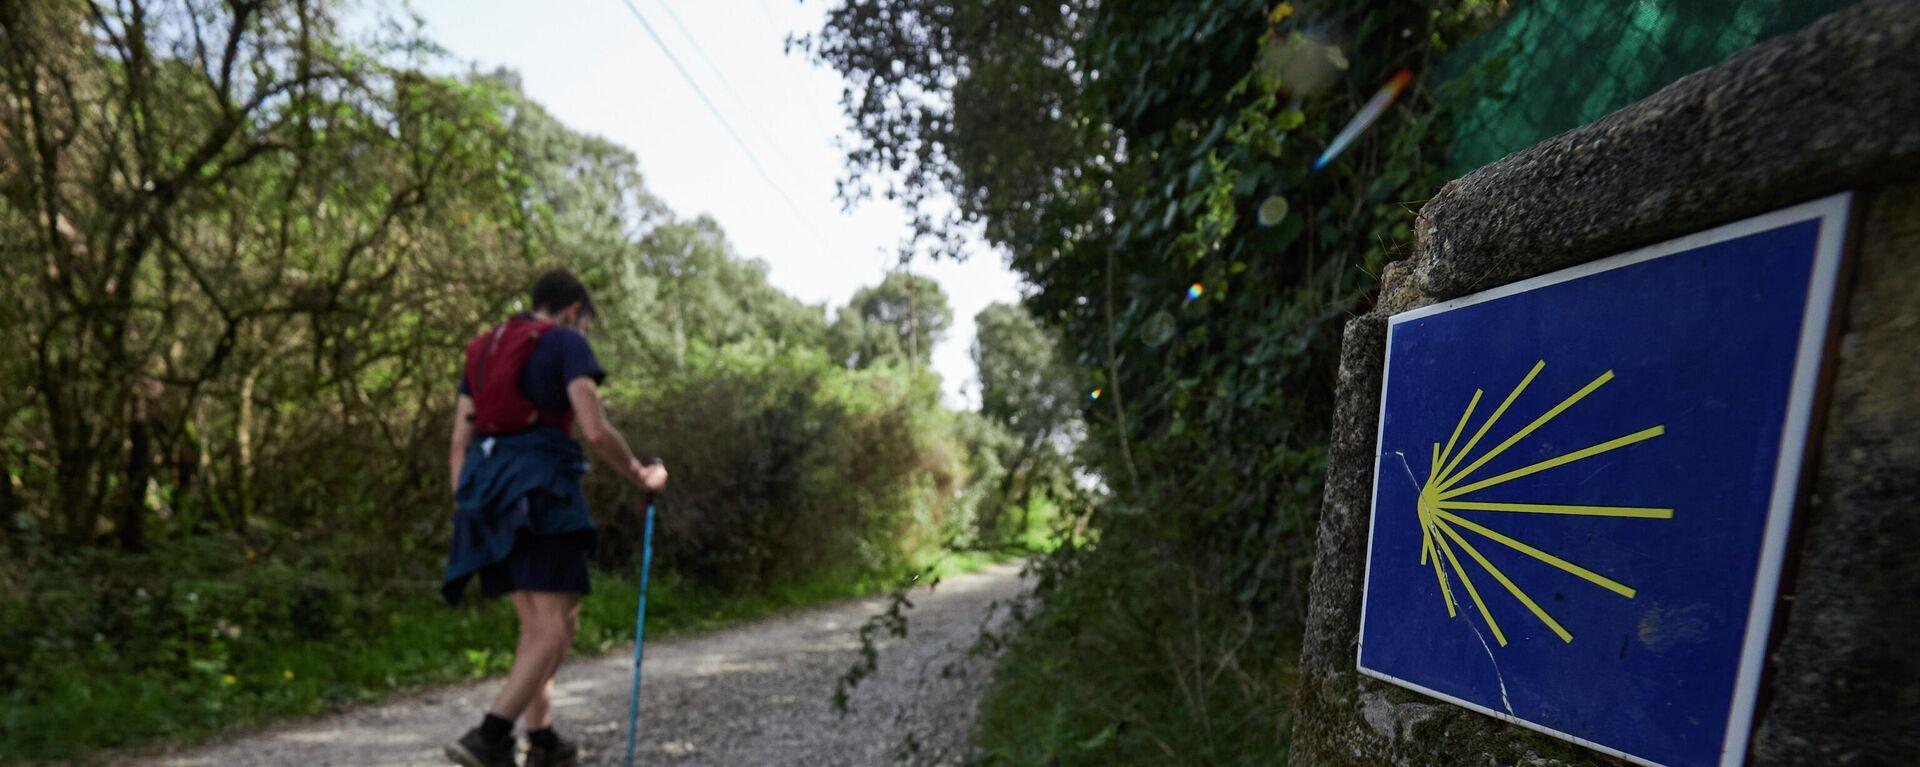 El vecino de Pamplona Rafa Ramirez realiza el Camino de Santiago a su paso por la Comunidad Foral de Navarra, España, a 1 de abril de 2021 - Sputnik Mundo, 1920, 26.08.2021